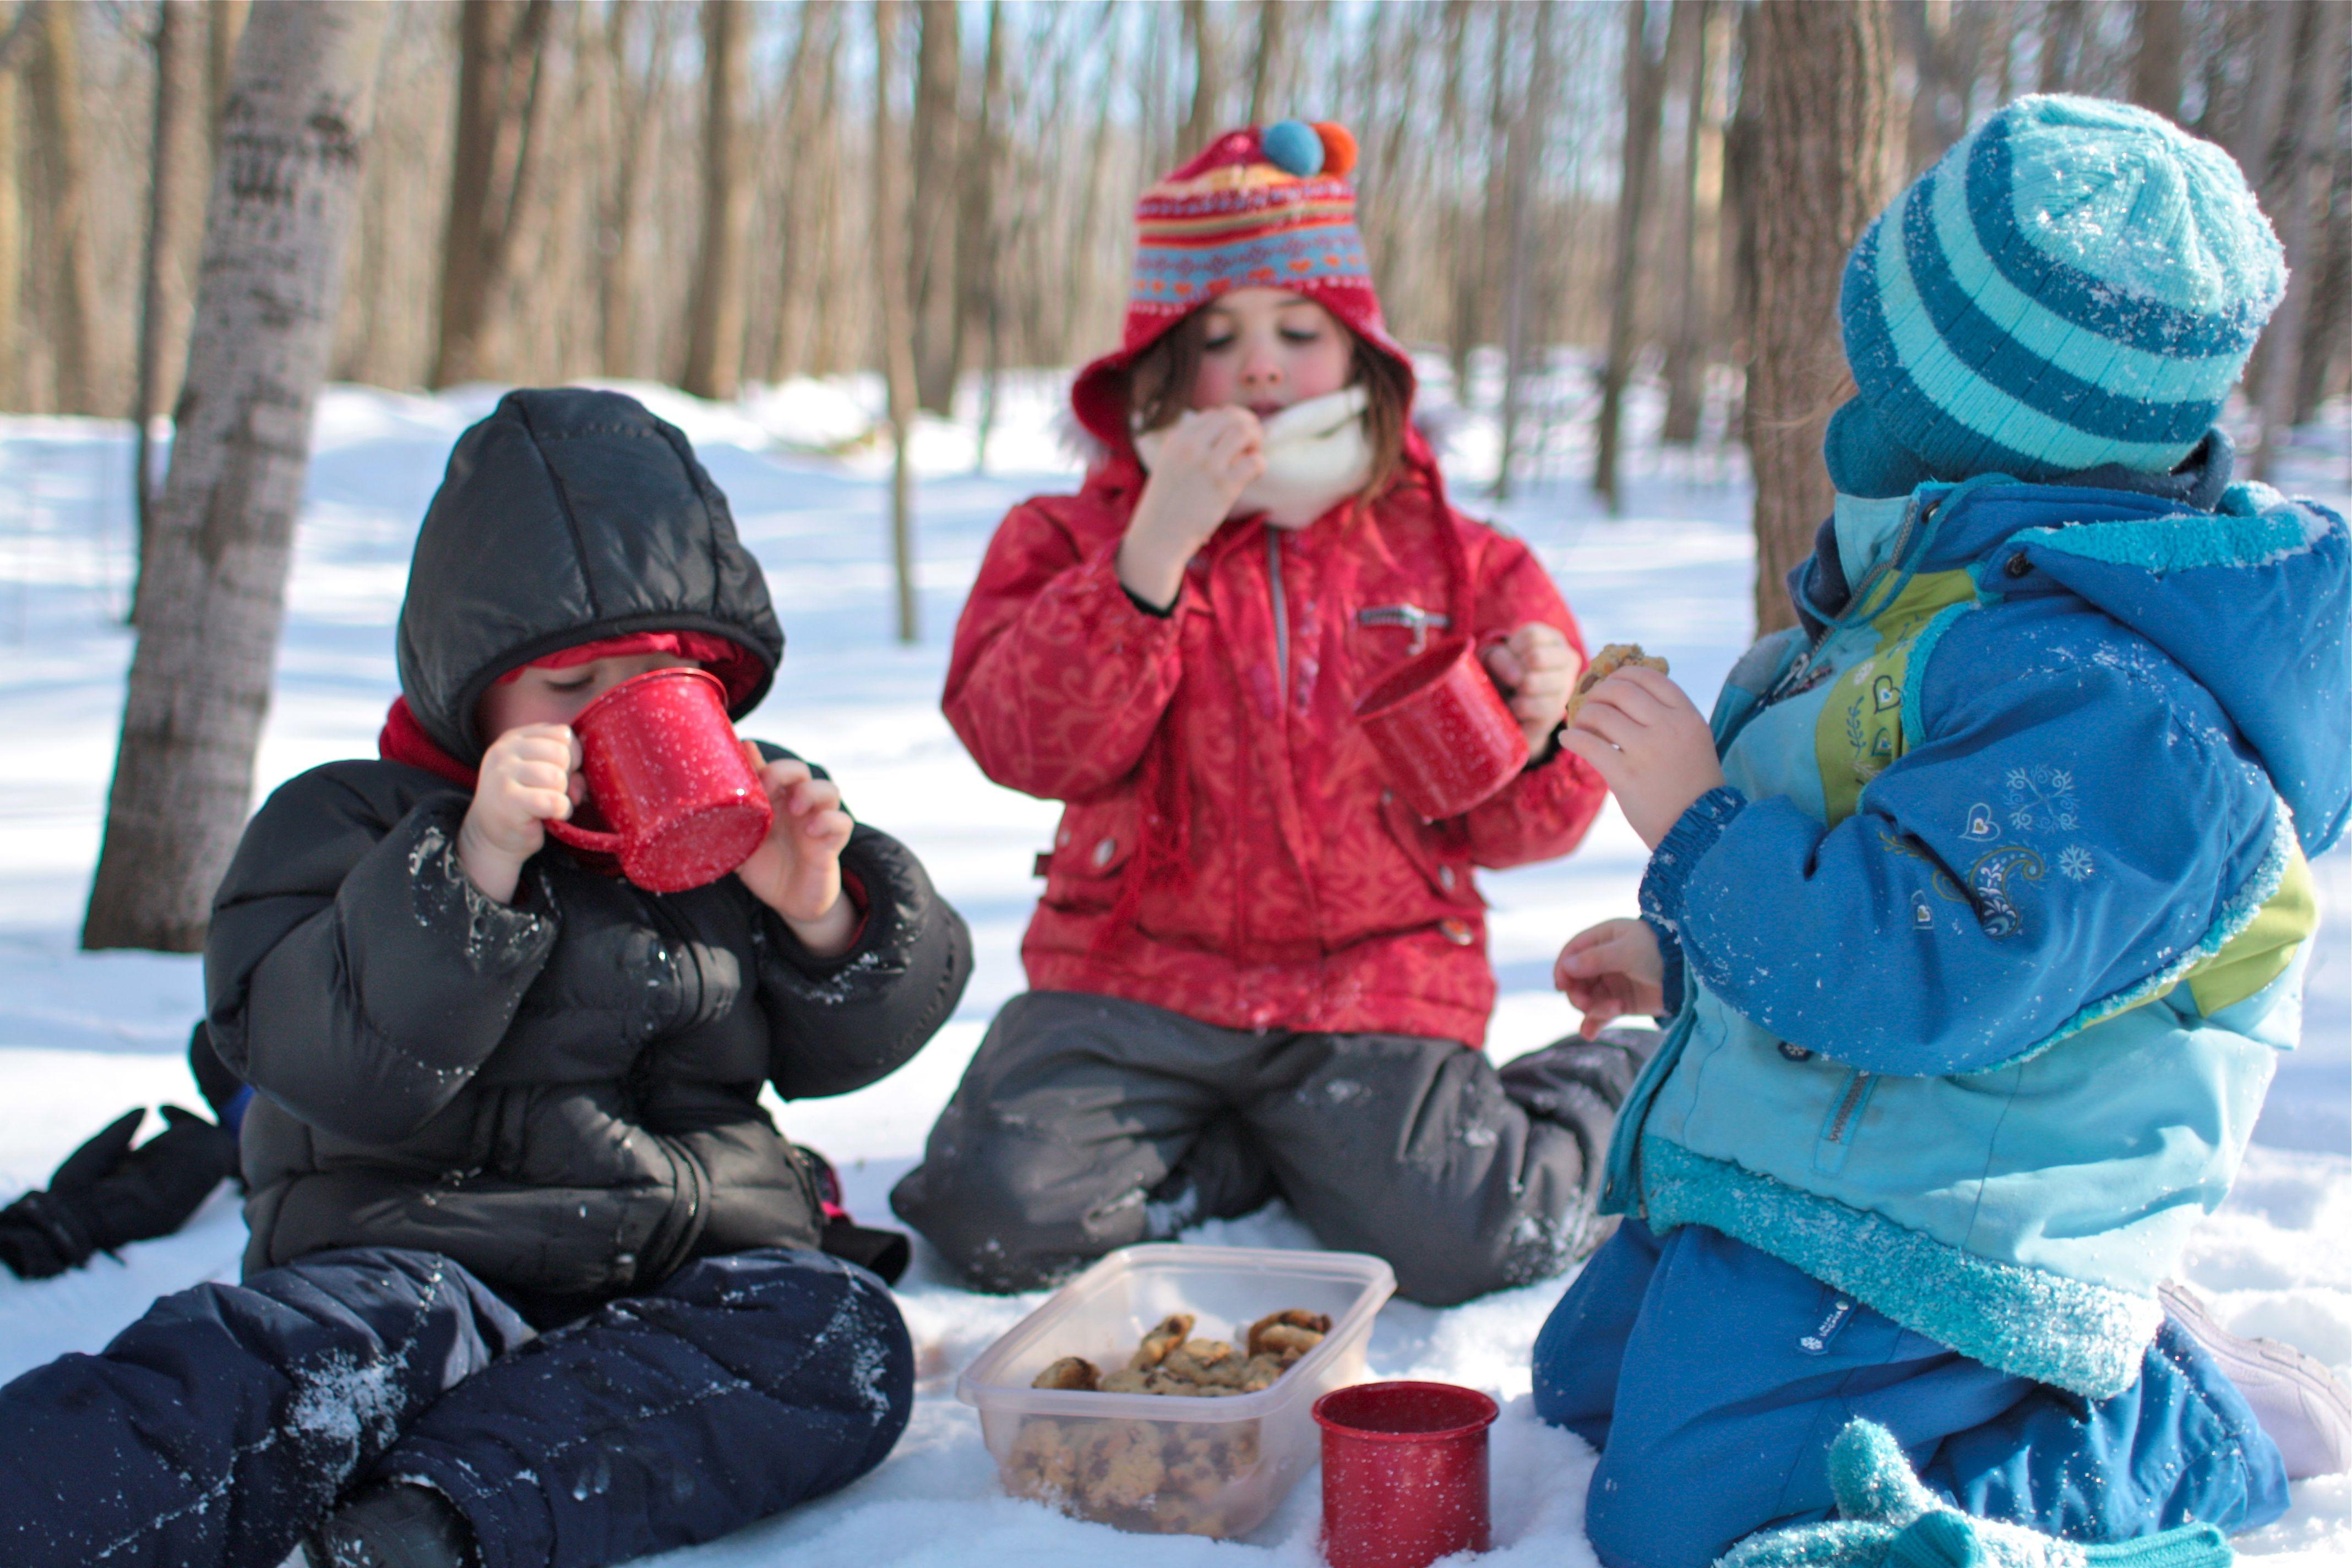 Winter picnik